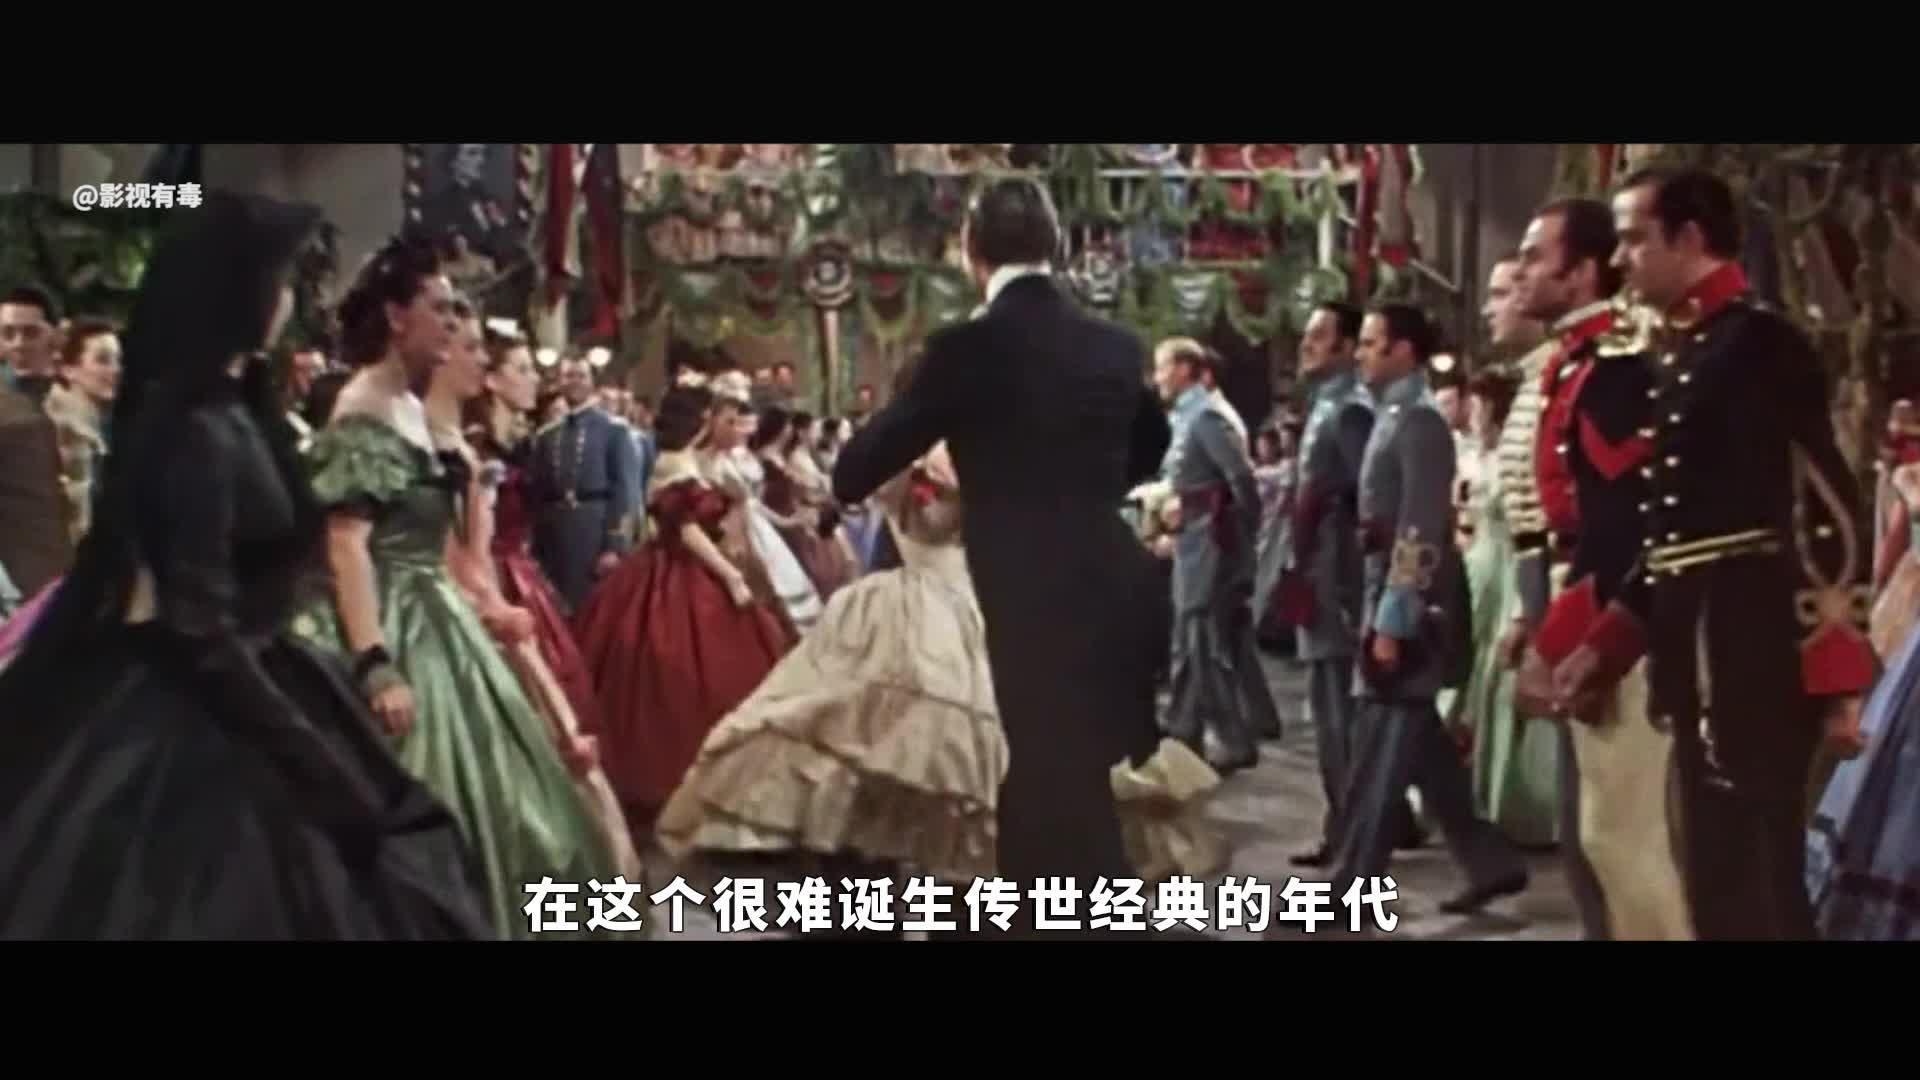 老马丁黑帮电影回归谢幕《爱尔兰人》圆梦纽约老炮儿的江湖